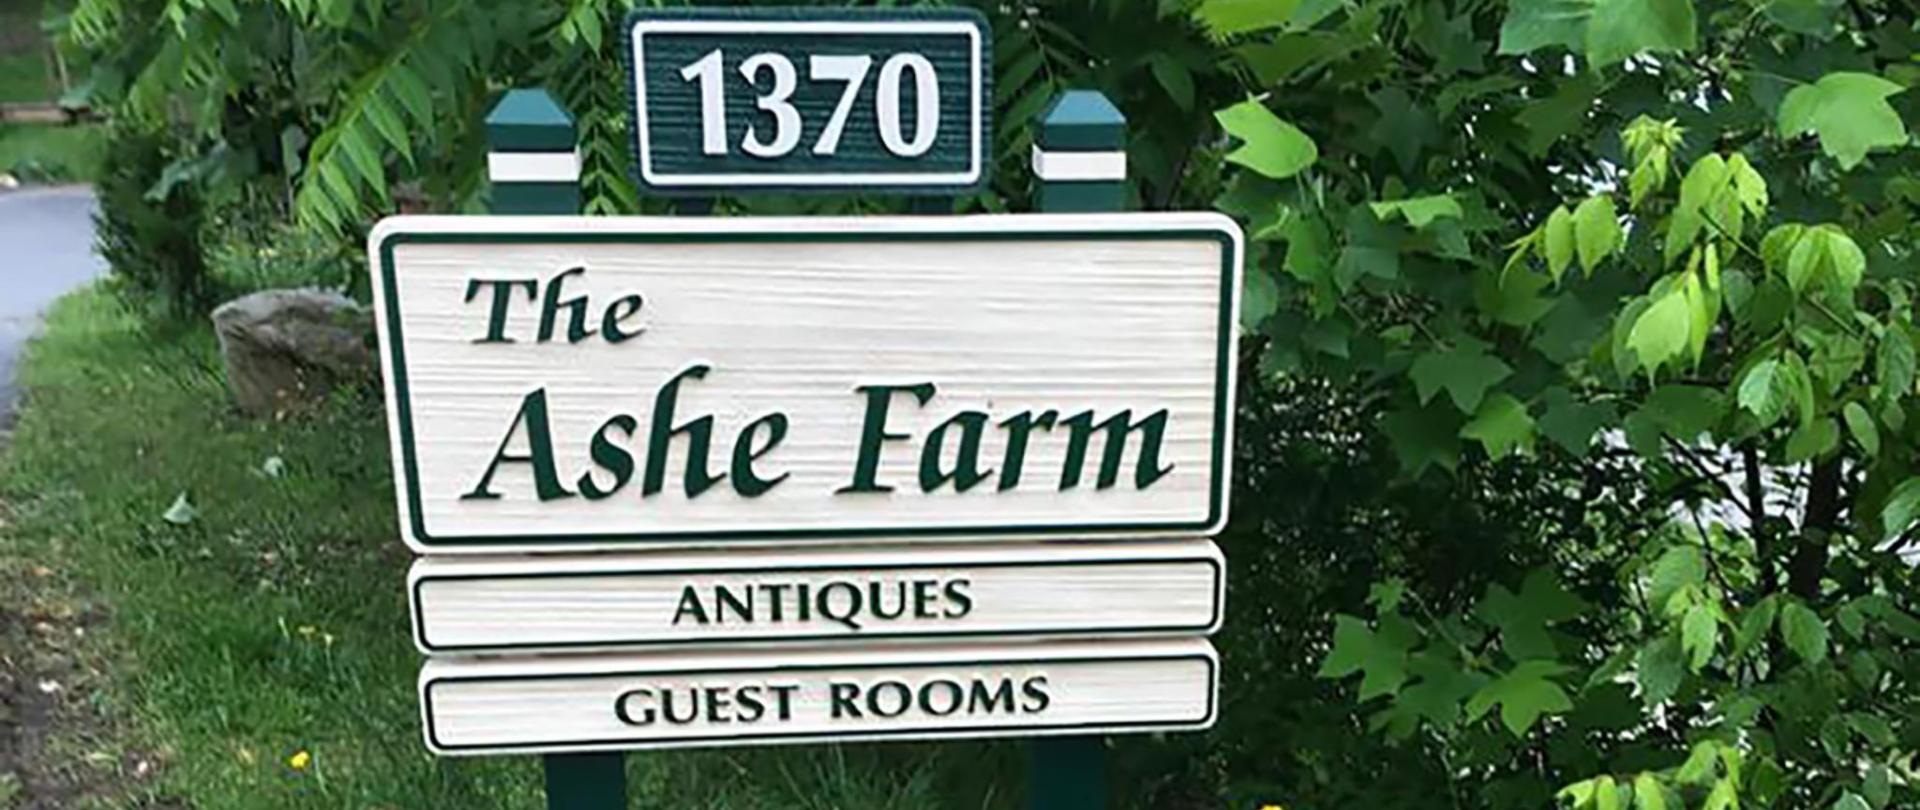 The Ashe Farm